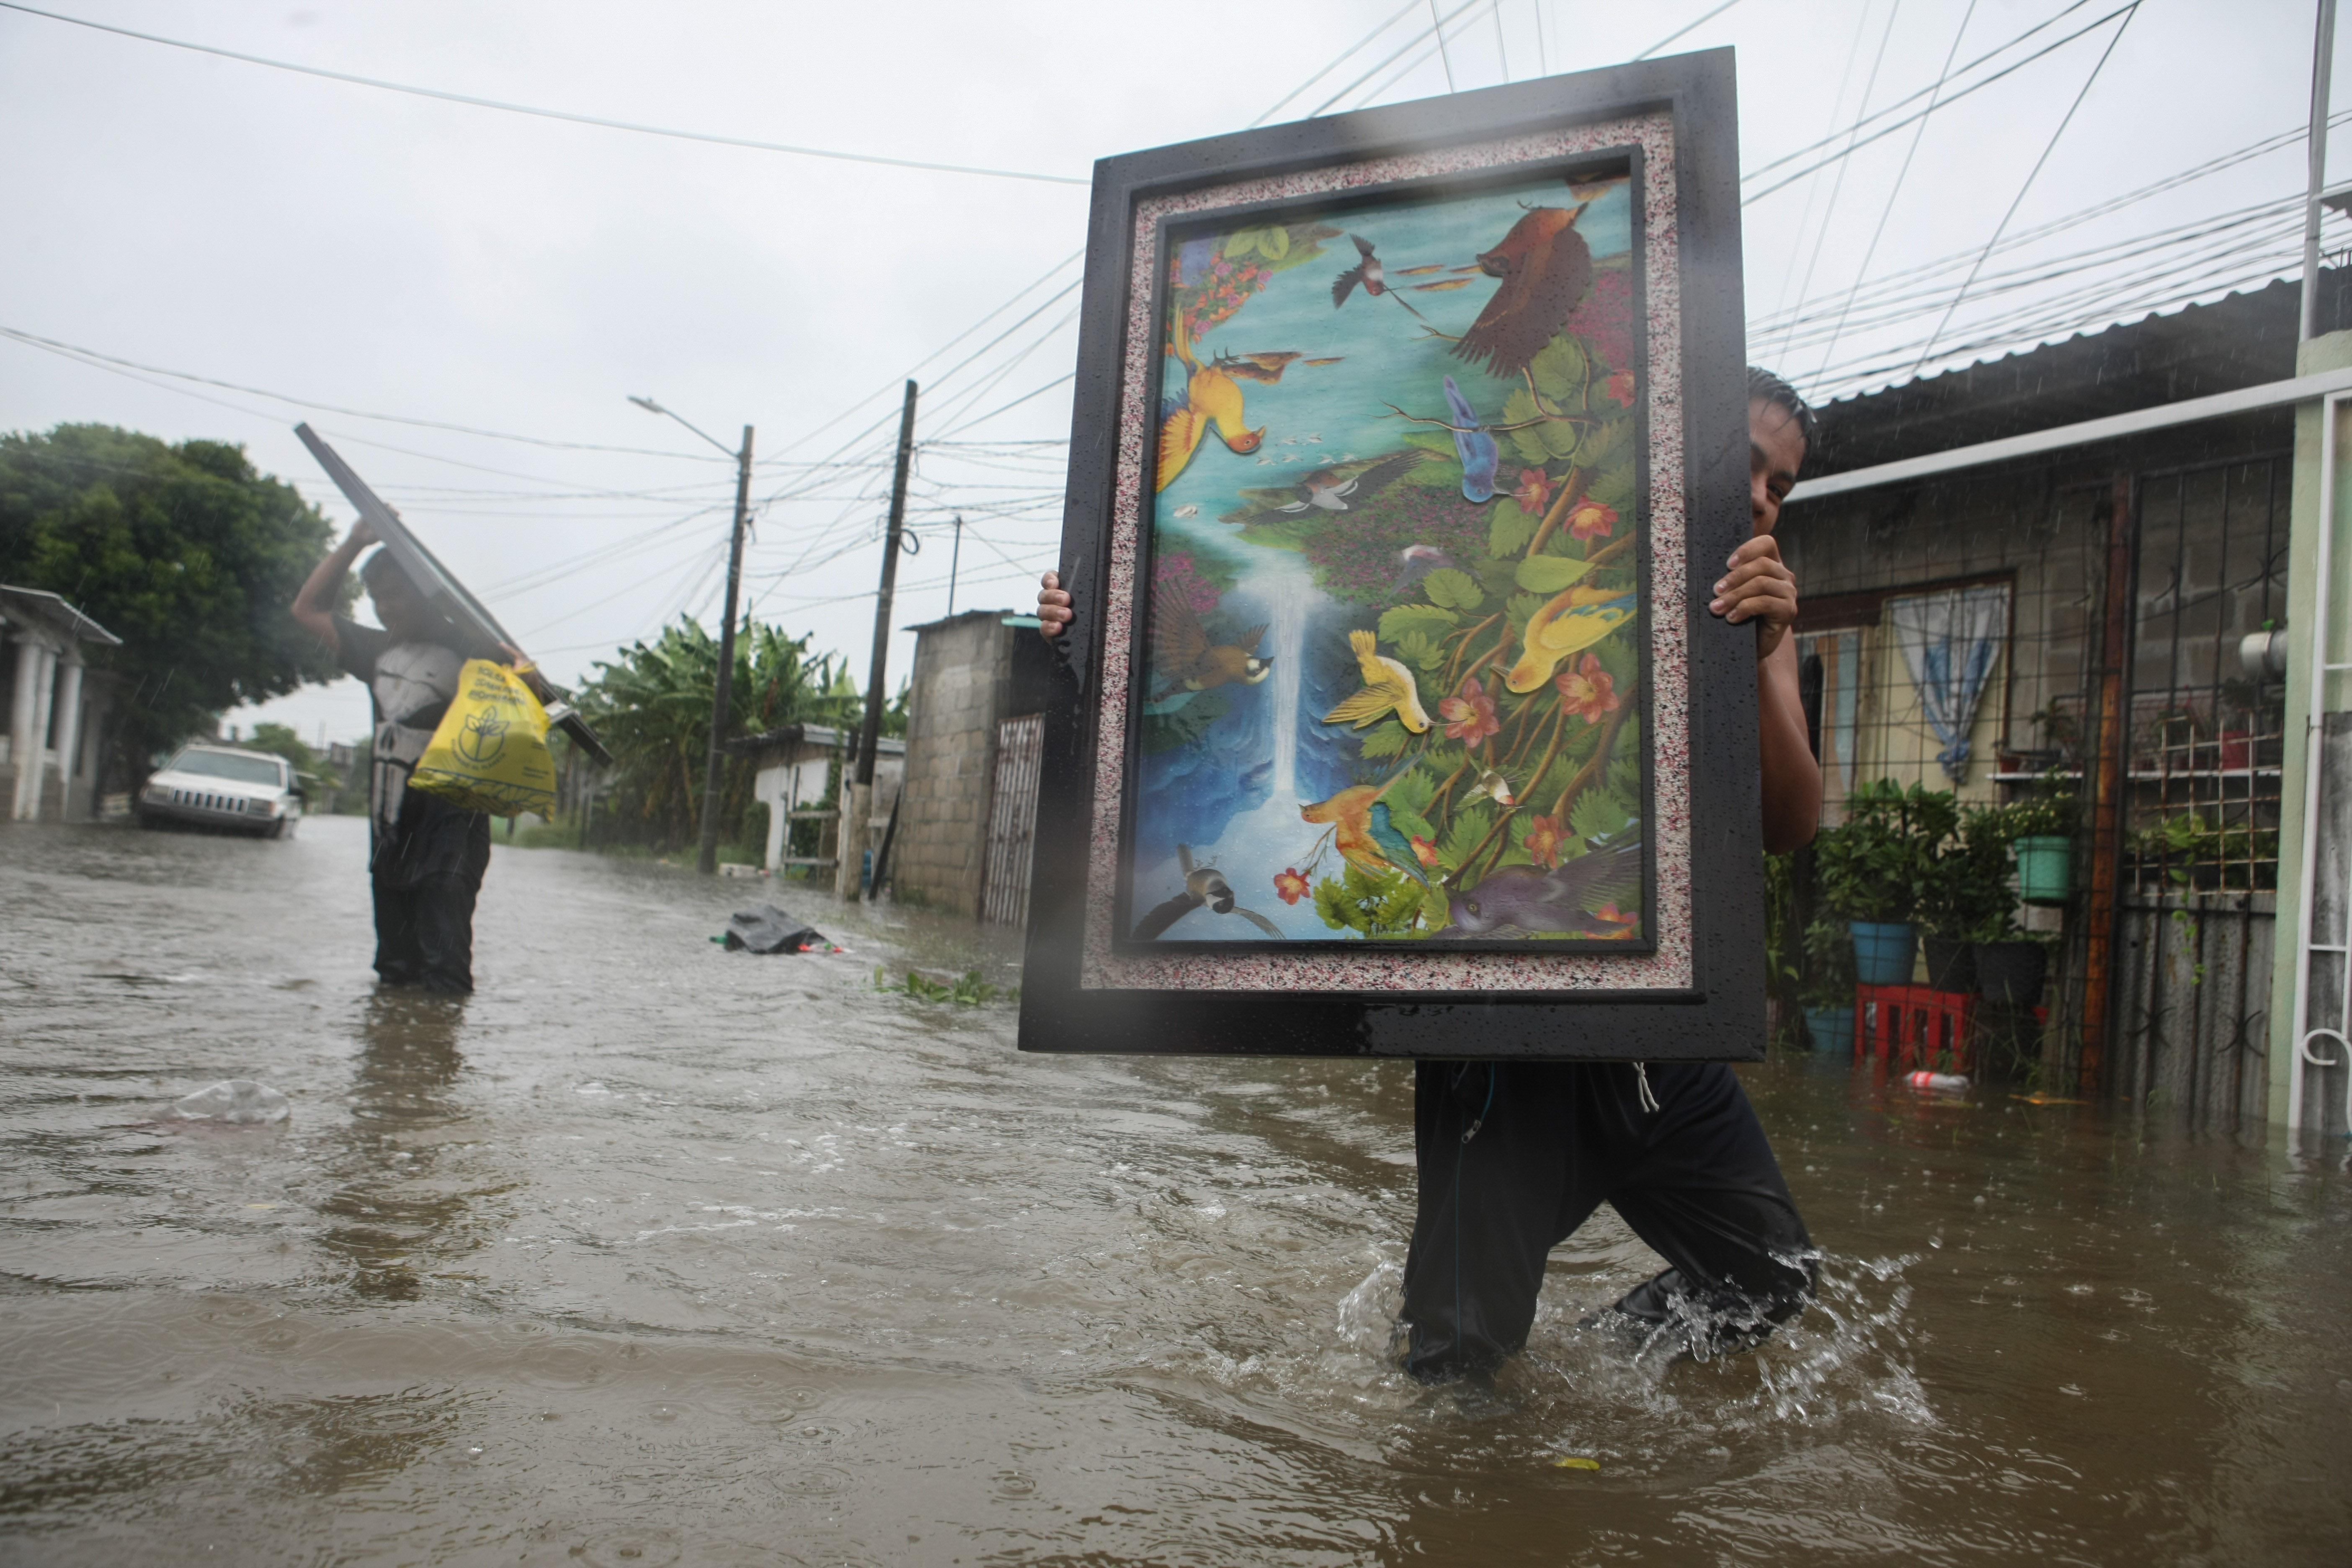 Más de 117 comunidades afectadas por el desfogue de Peñitas 4 municipios, siendo las más afectadas: Centro Cunduacán, Nacajuca y Jalpa de Méndez.